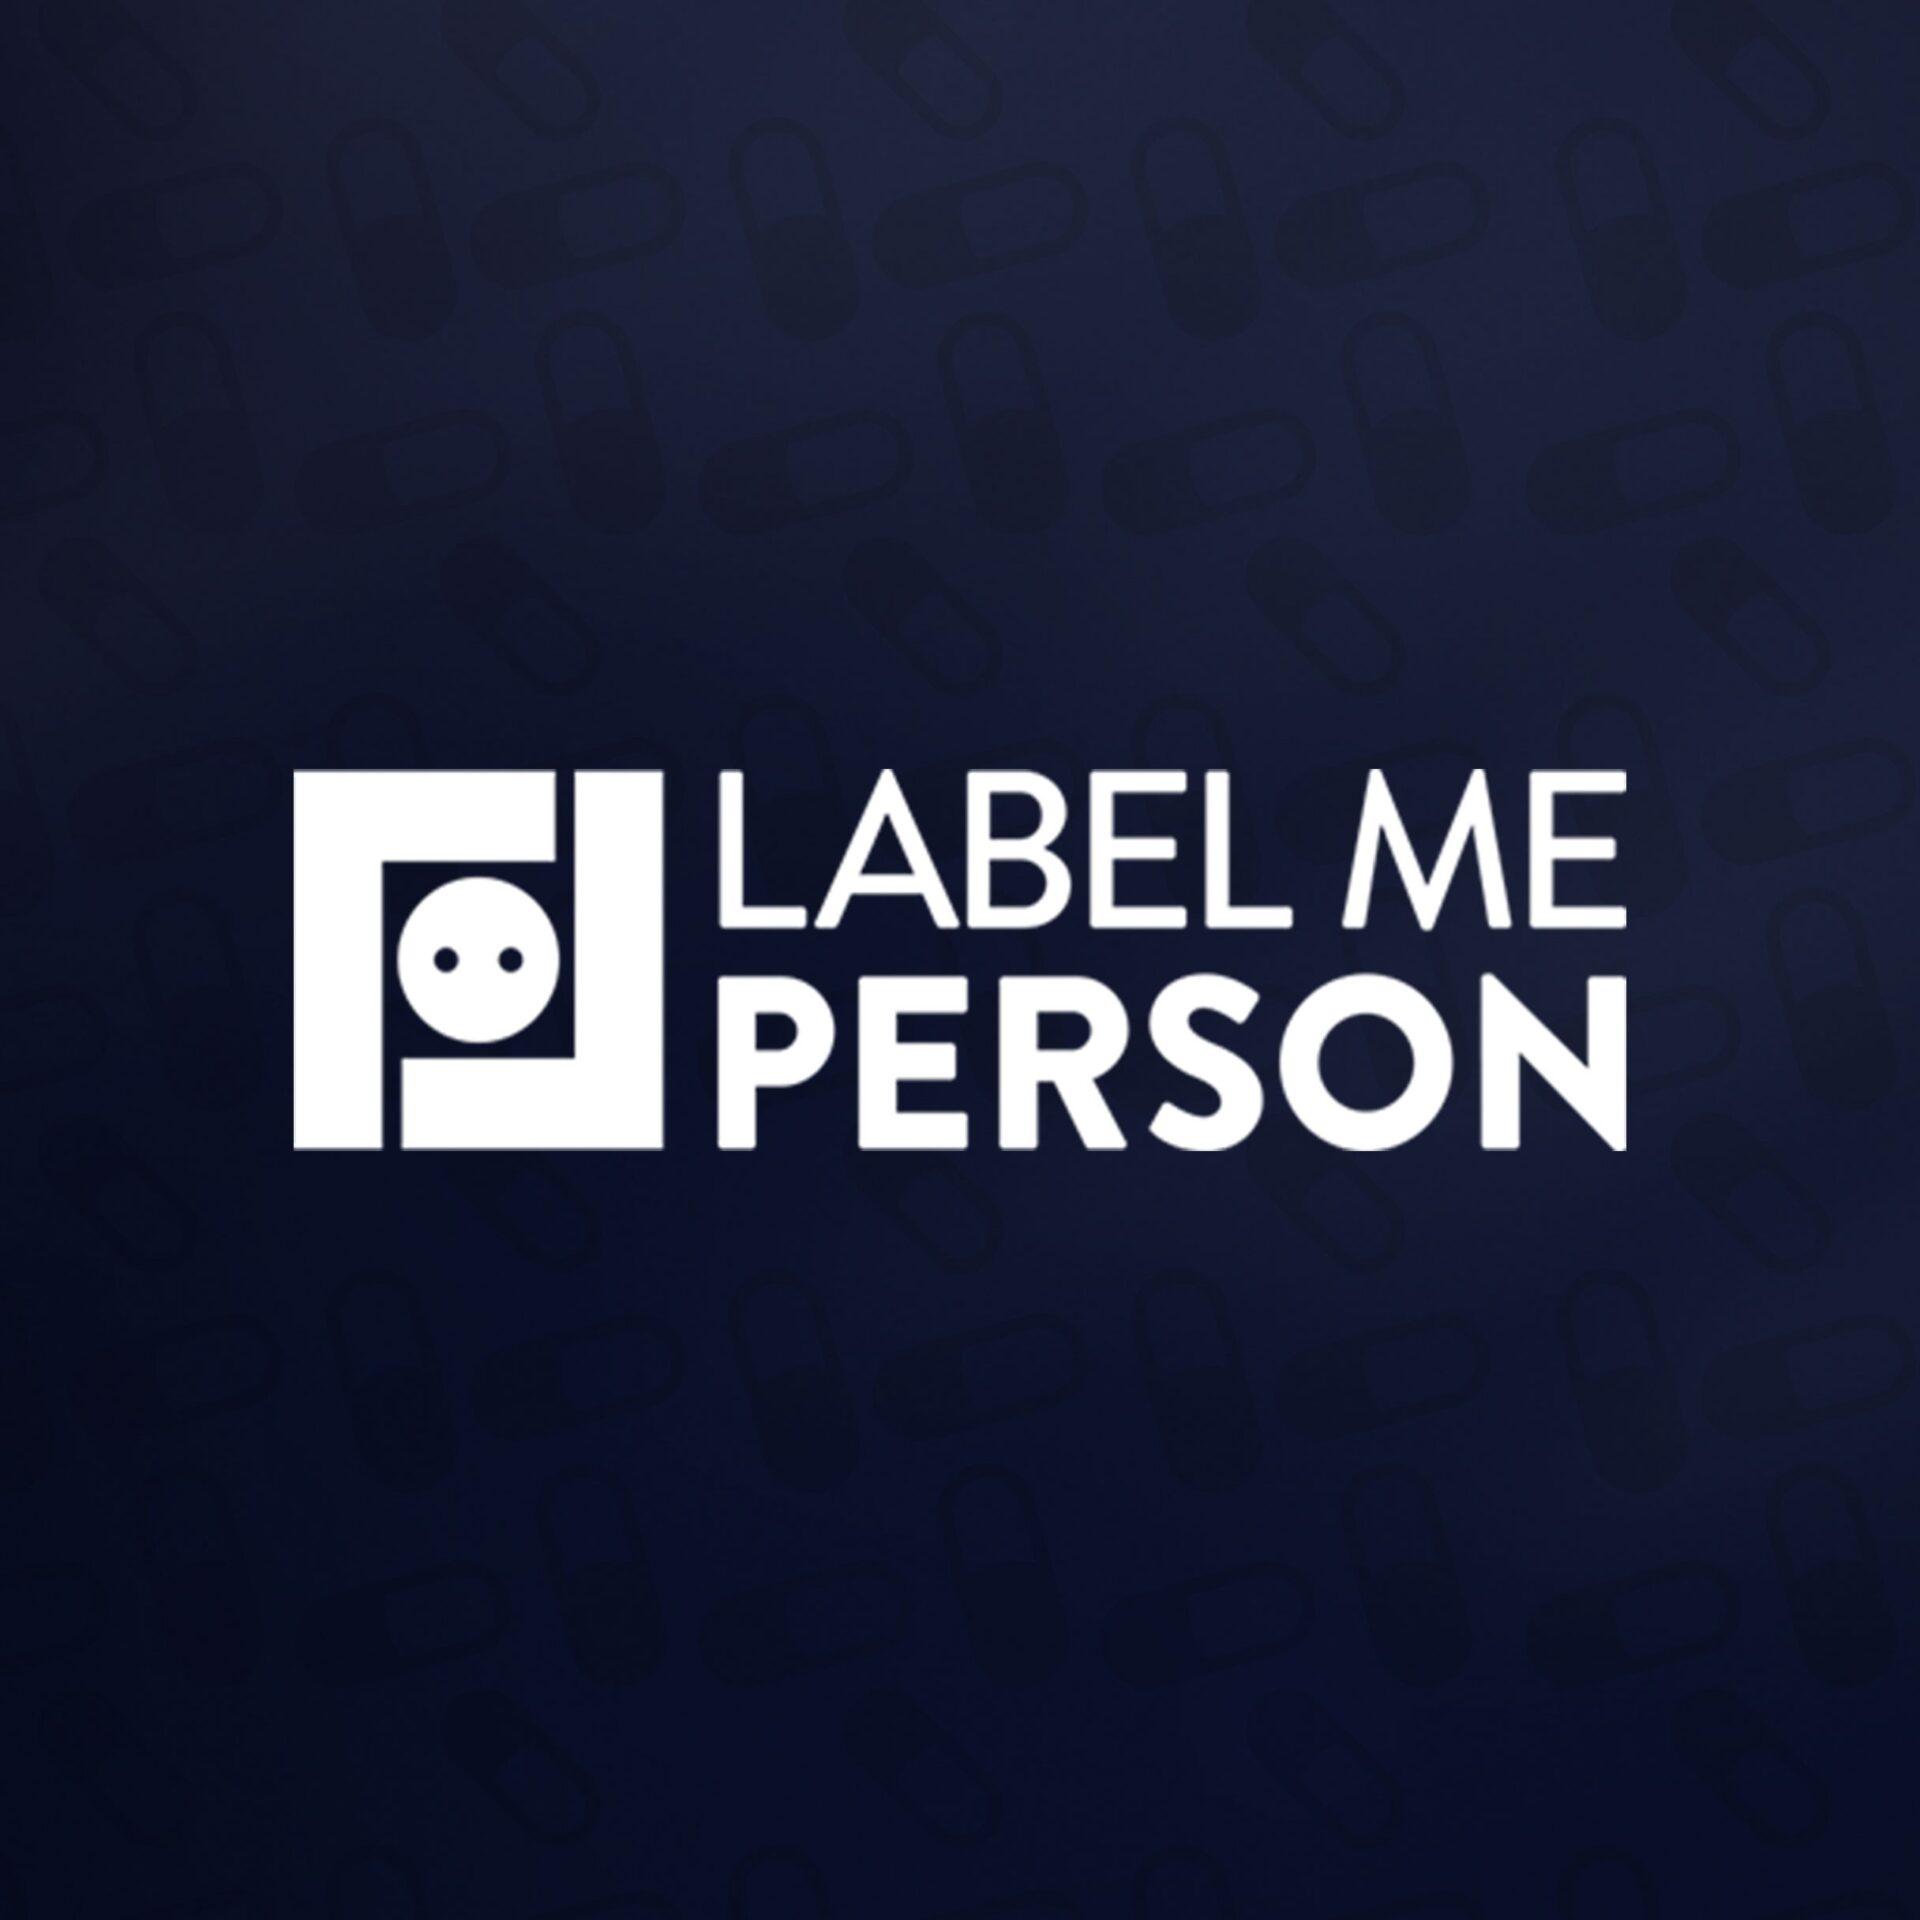 Label Me Person